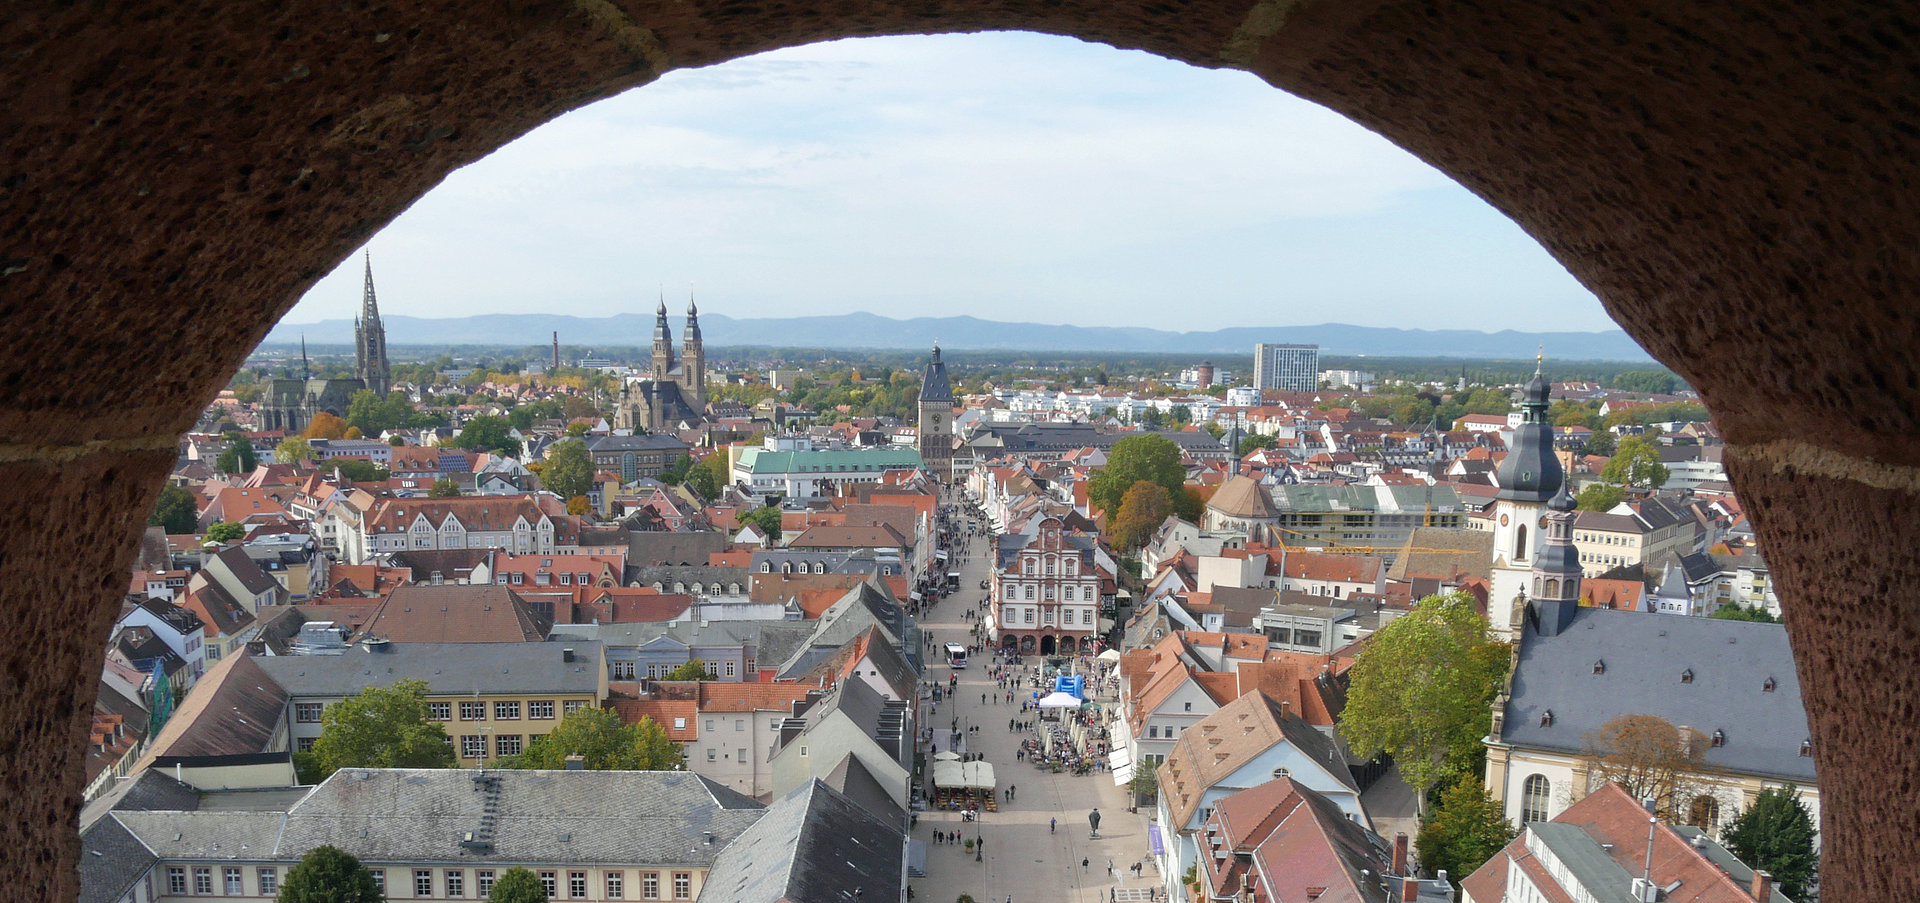 Dom-Stadt Speyer, Pfalz